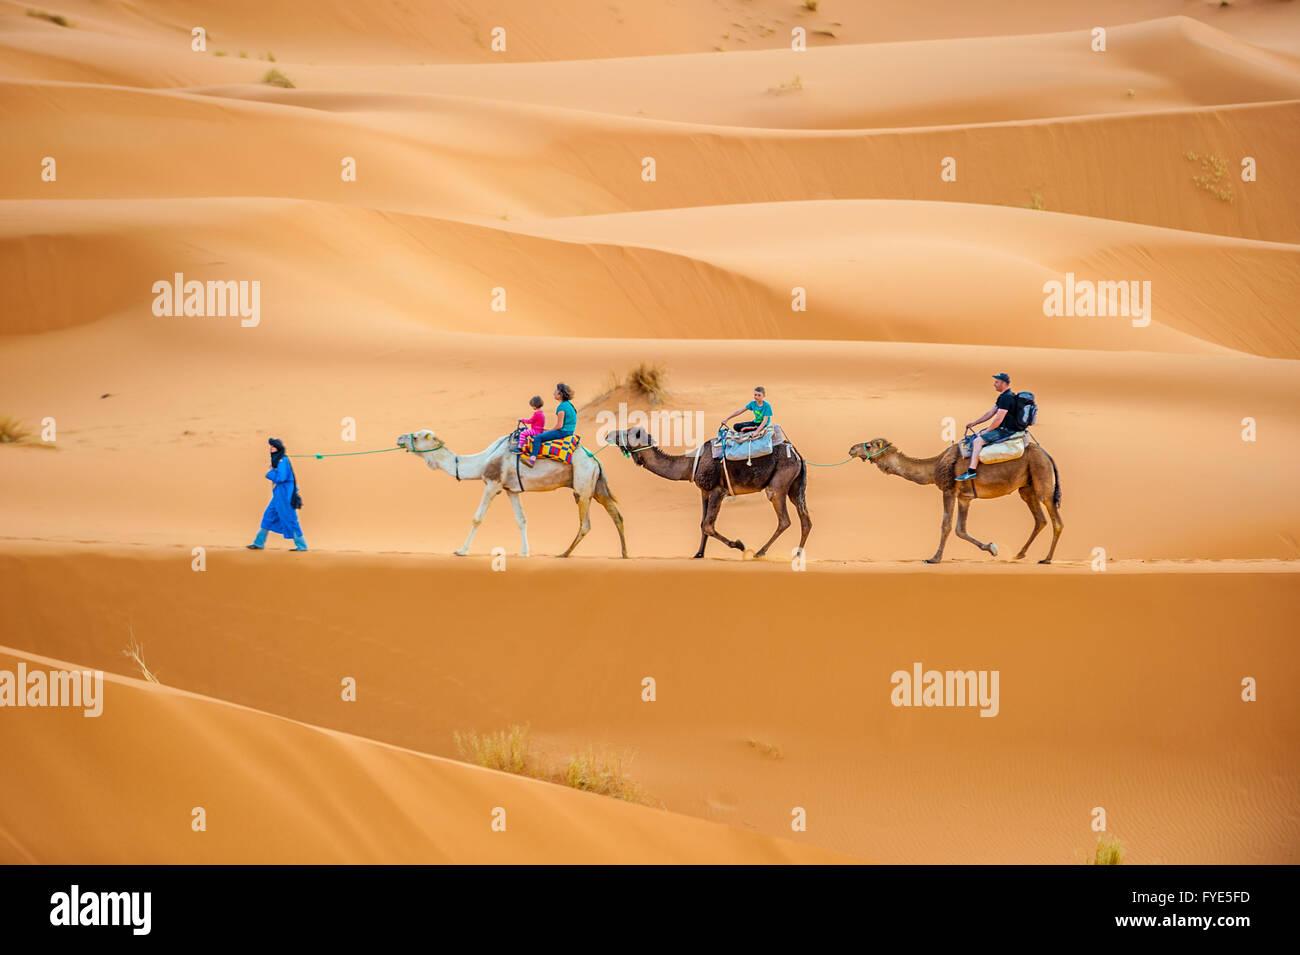 ERG CHEBBY, Marocco - aprile, 12, 2013: i turisti a cavallo di cammelli in Erg Chebbi, Marocco Immagini Stock